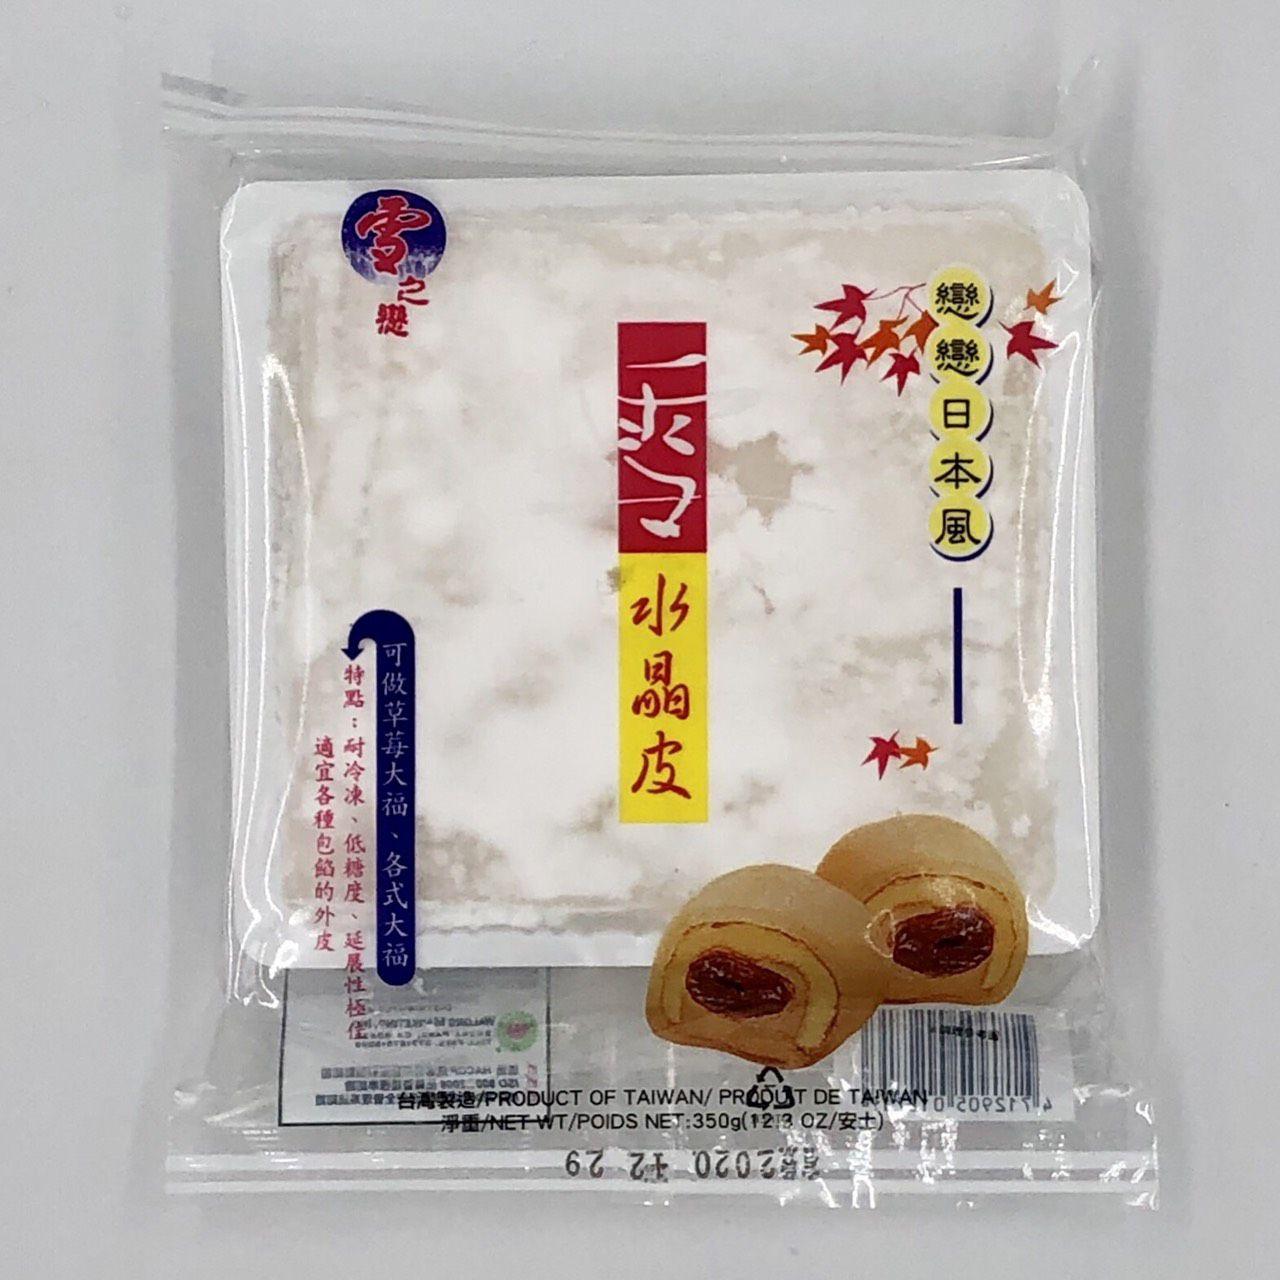 (雪之戀)水晶皮/5張350g(全素)